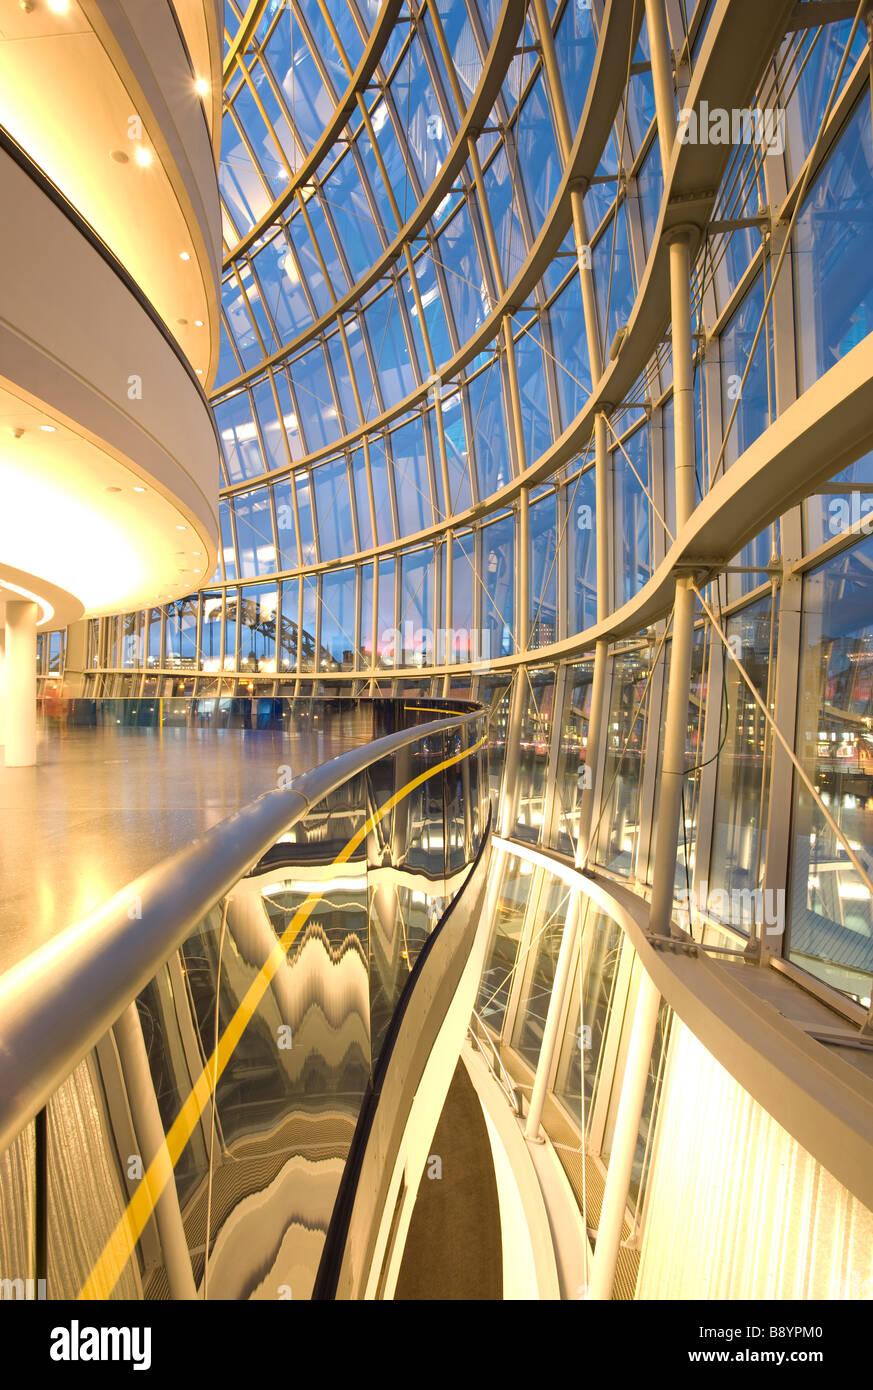 Inside The Sage Gateshead, Norman Foster's impresionante centro de música a orillas del río Tyne. Imagen De Stock